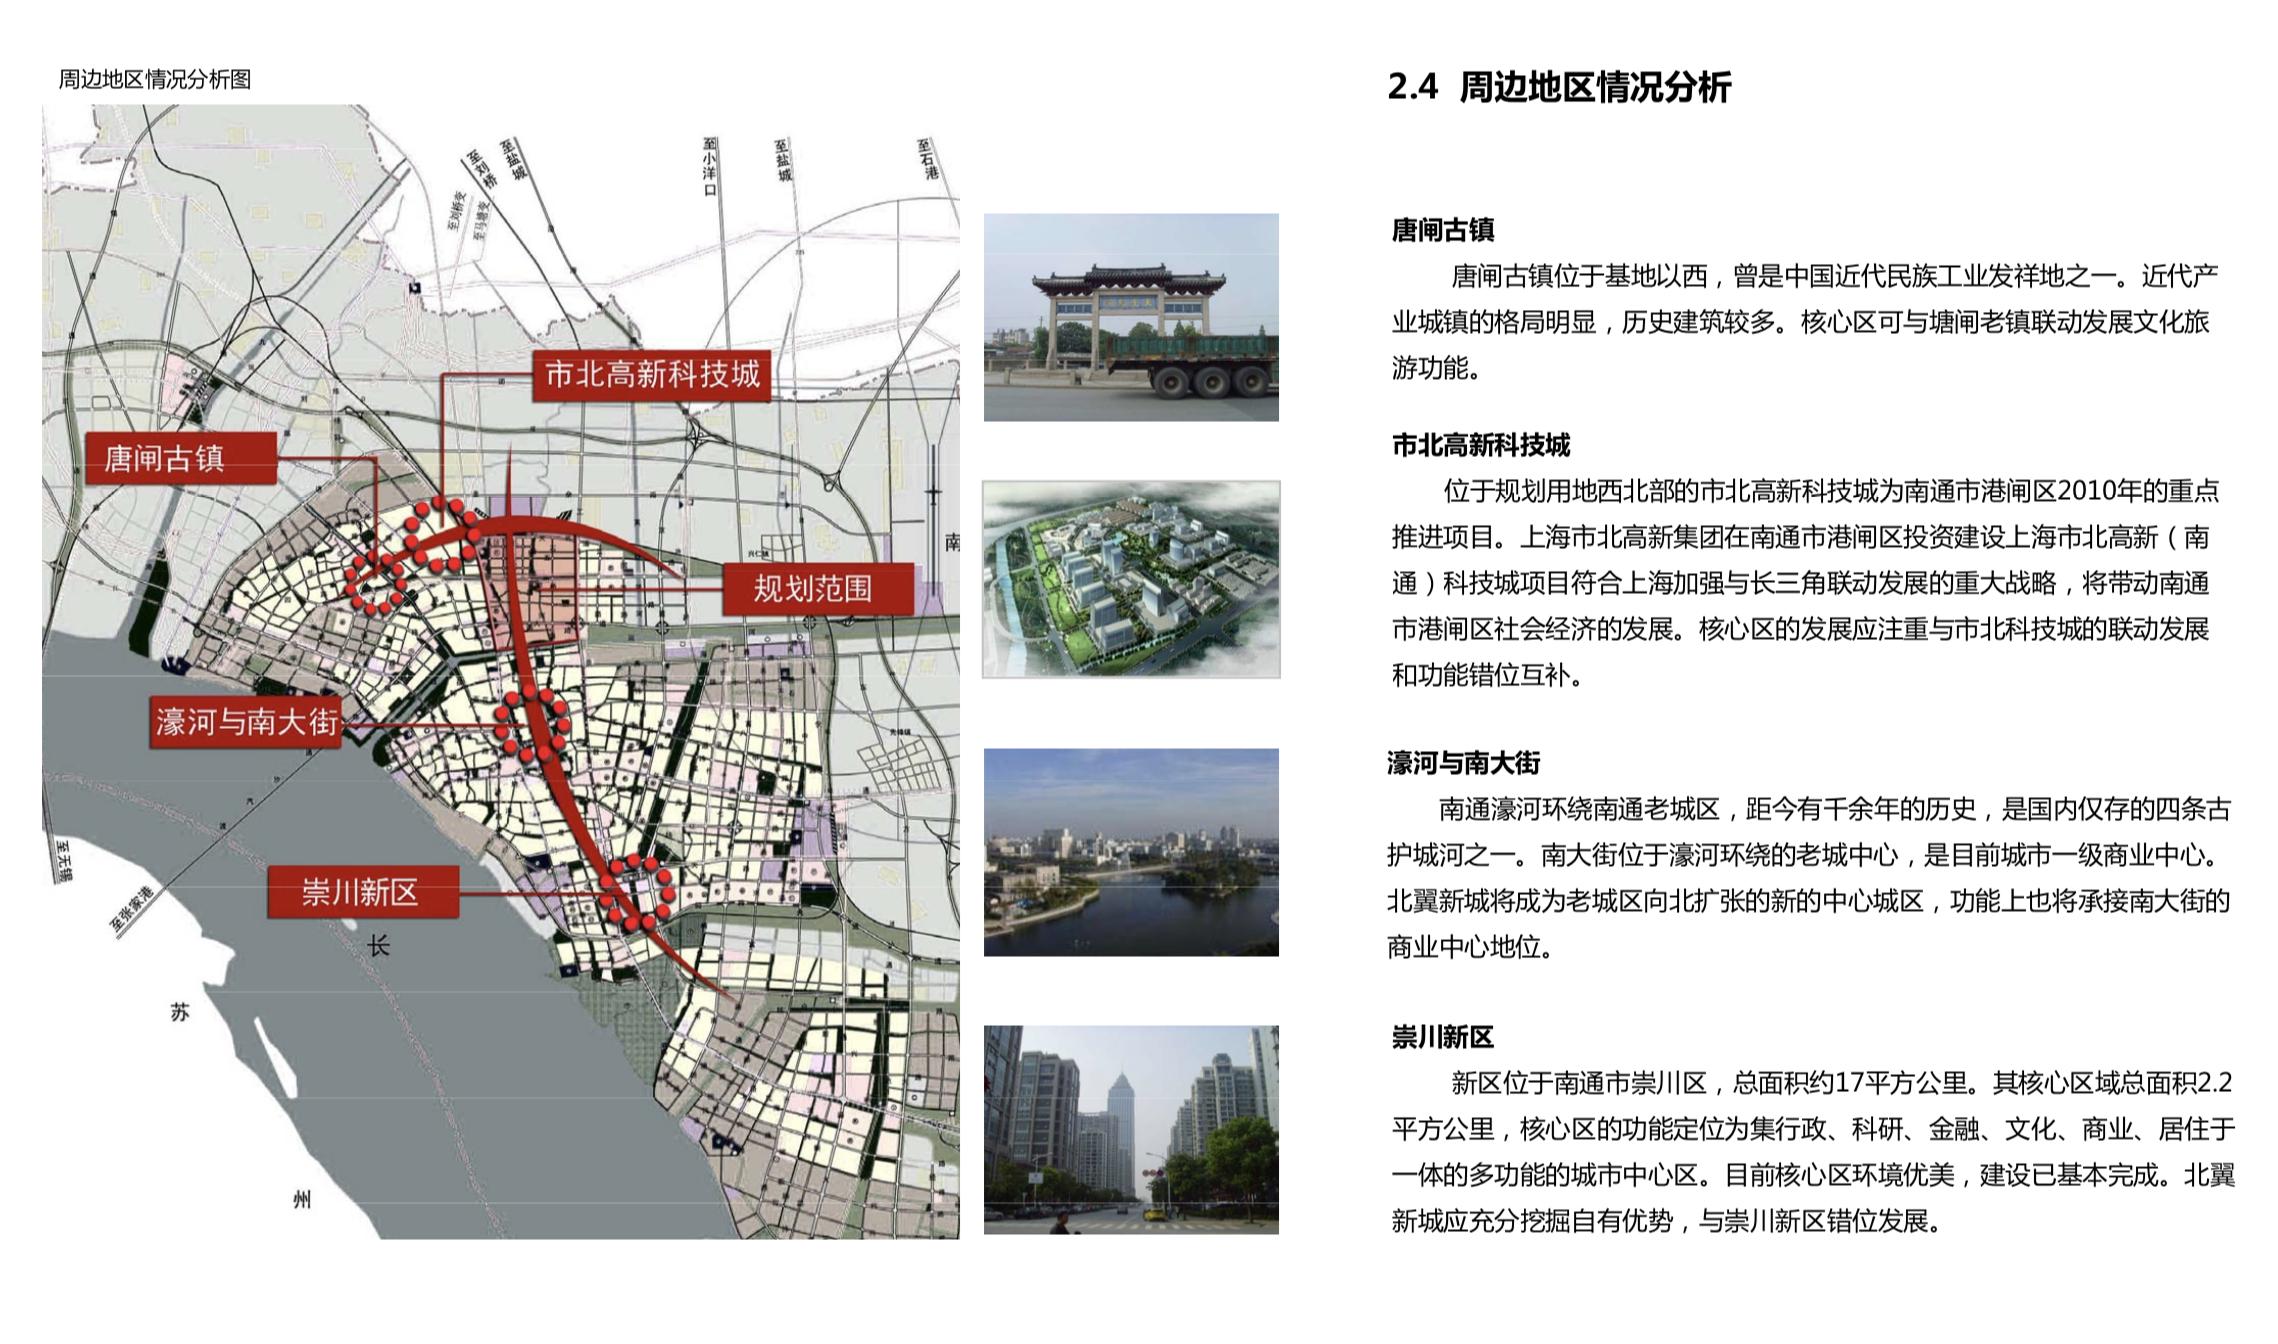 [江苏]南通市北翼新城核心区控规及城市设计方案文本